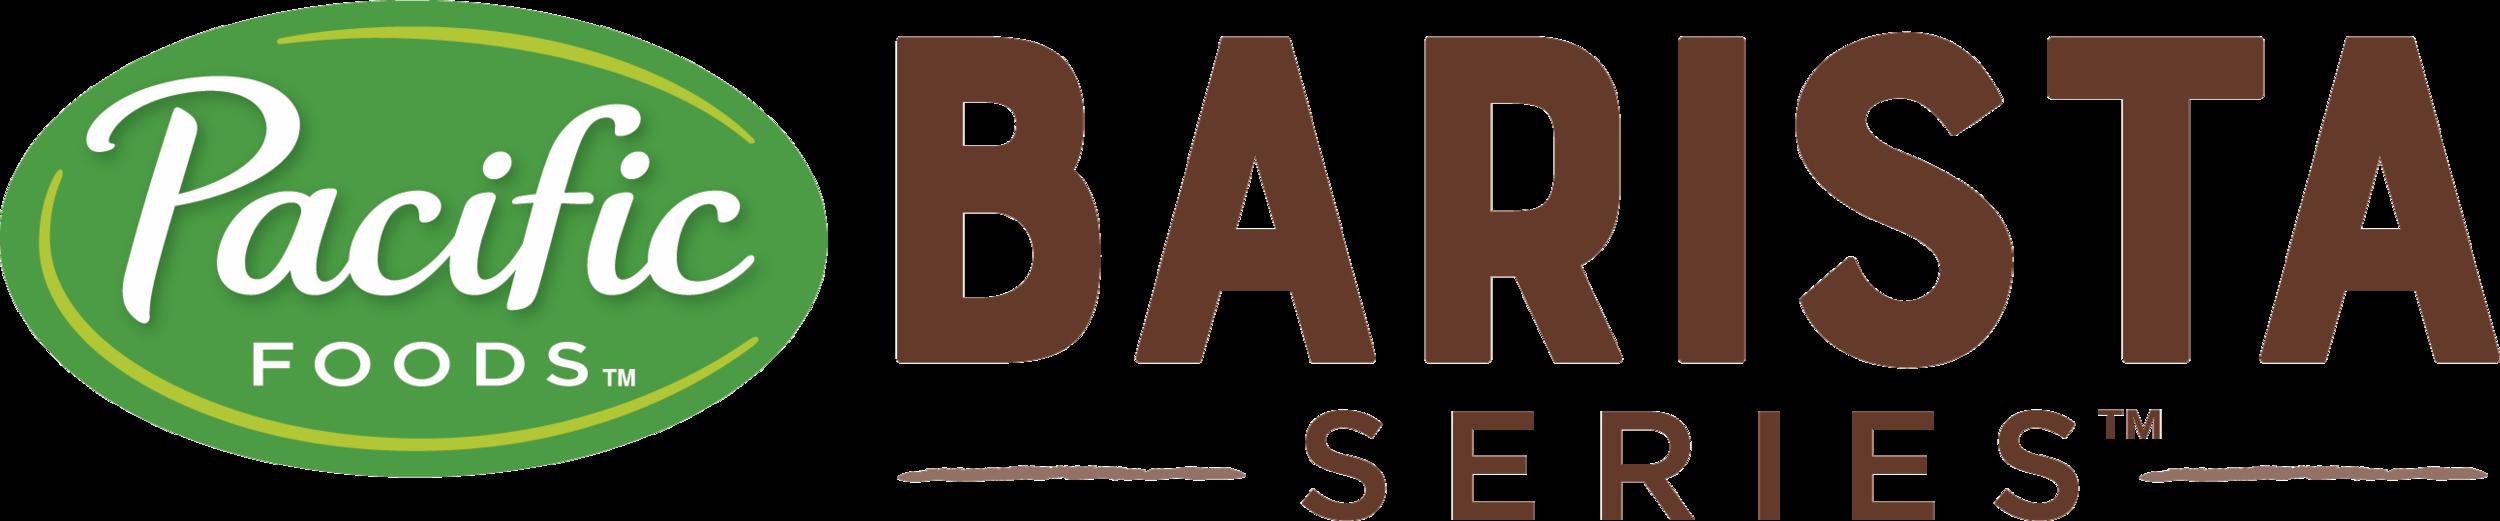 Barista_Series_2017_Logo_horiz.png